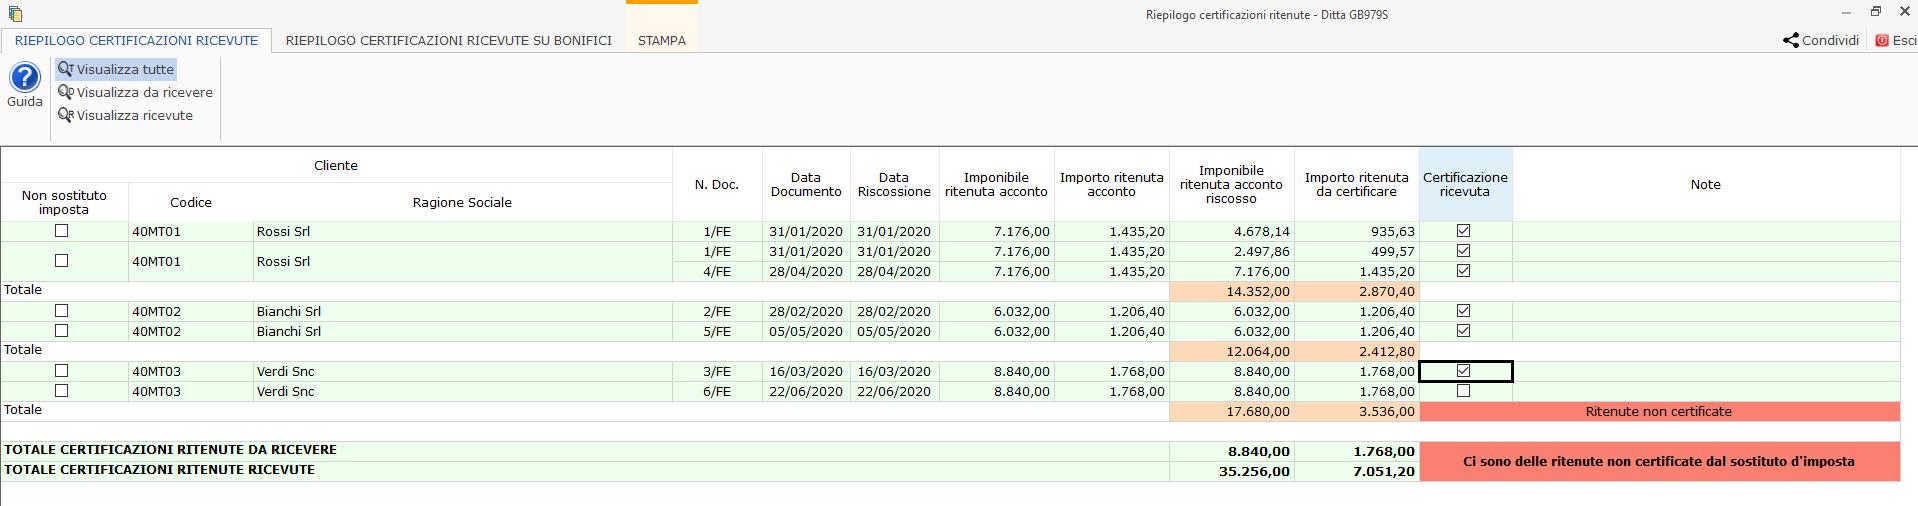 Riepilogo Certificazioni e simulazione del Quadro RE : sezione dove si trovano i dati dei compensi per produrre la certificazione da consegnare al professionista